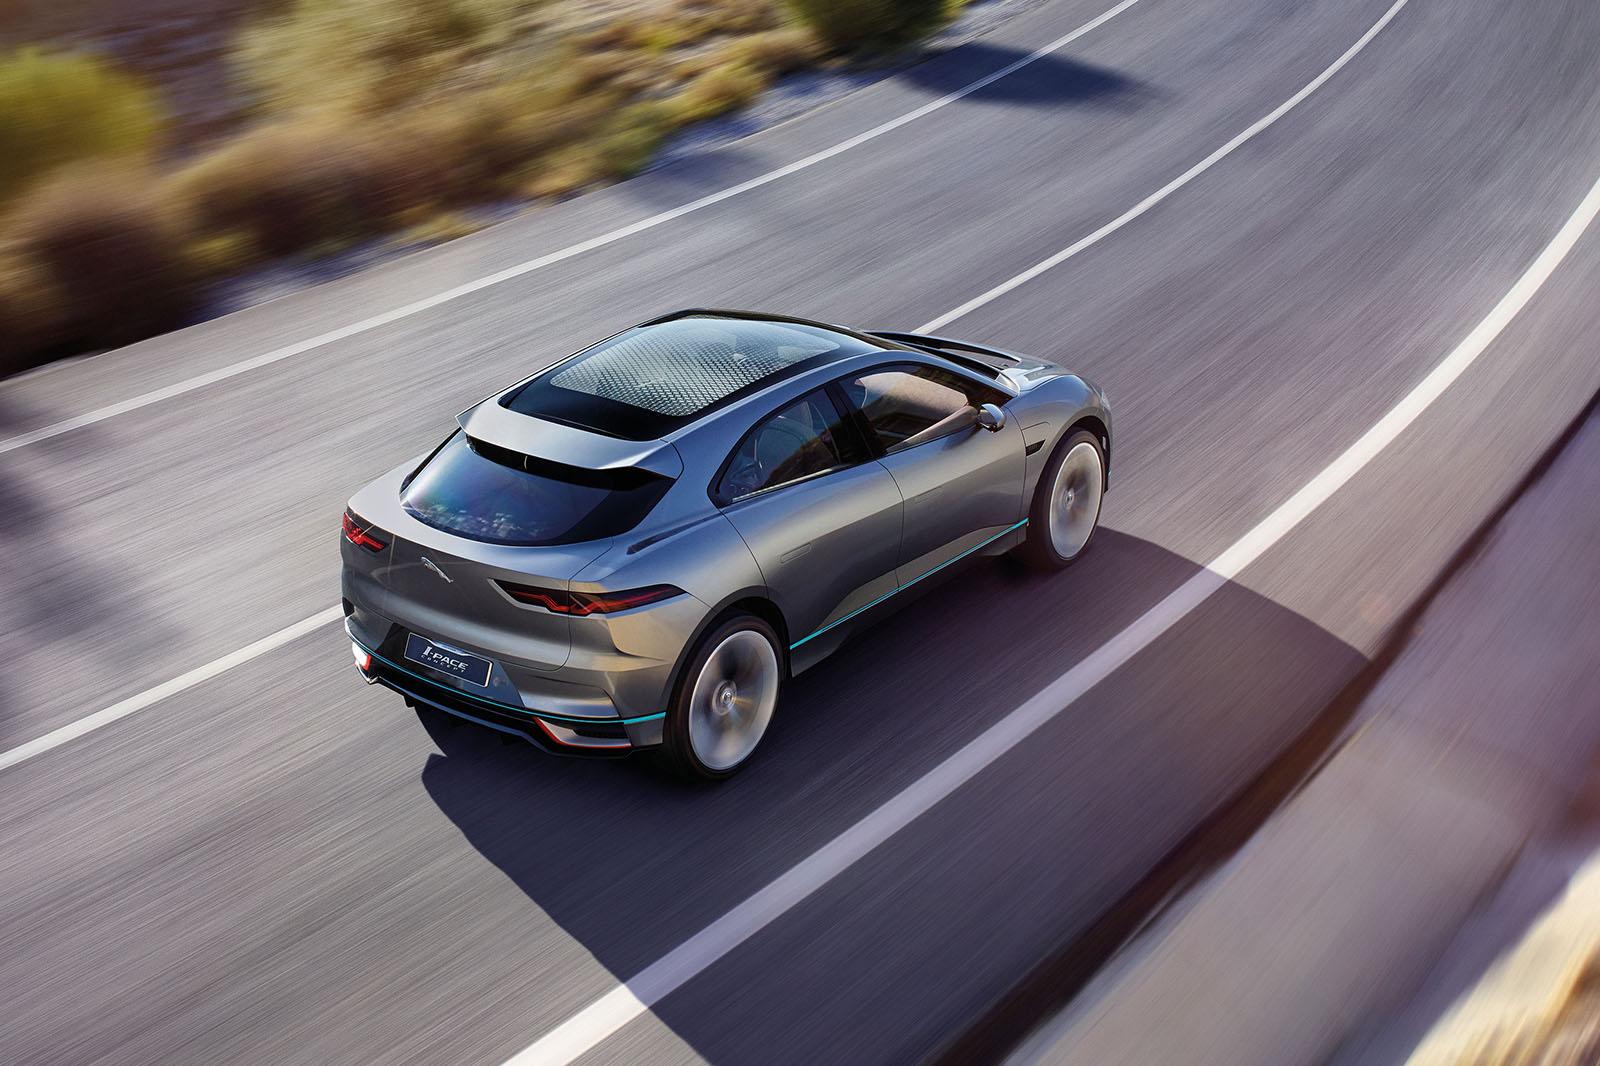 jaguar i pace 350 deposits taken for new electric suv autocar. Black Bedroom Furniture Sets. Home Design Ideas